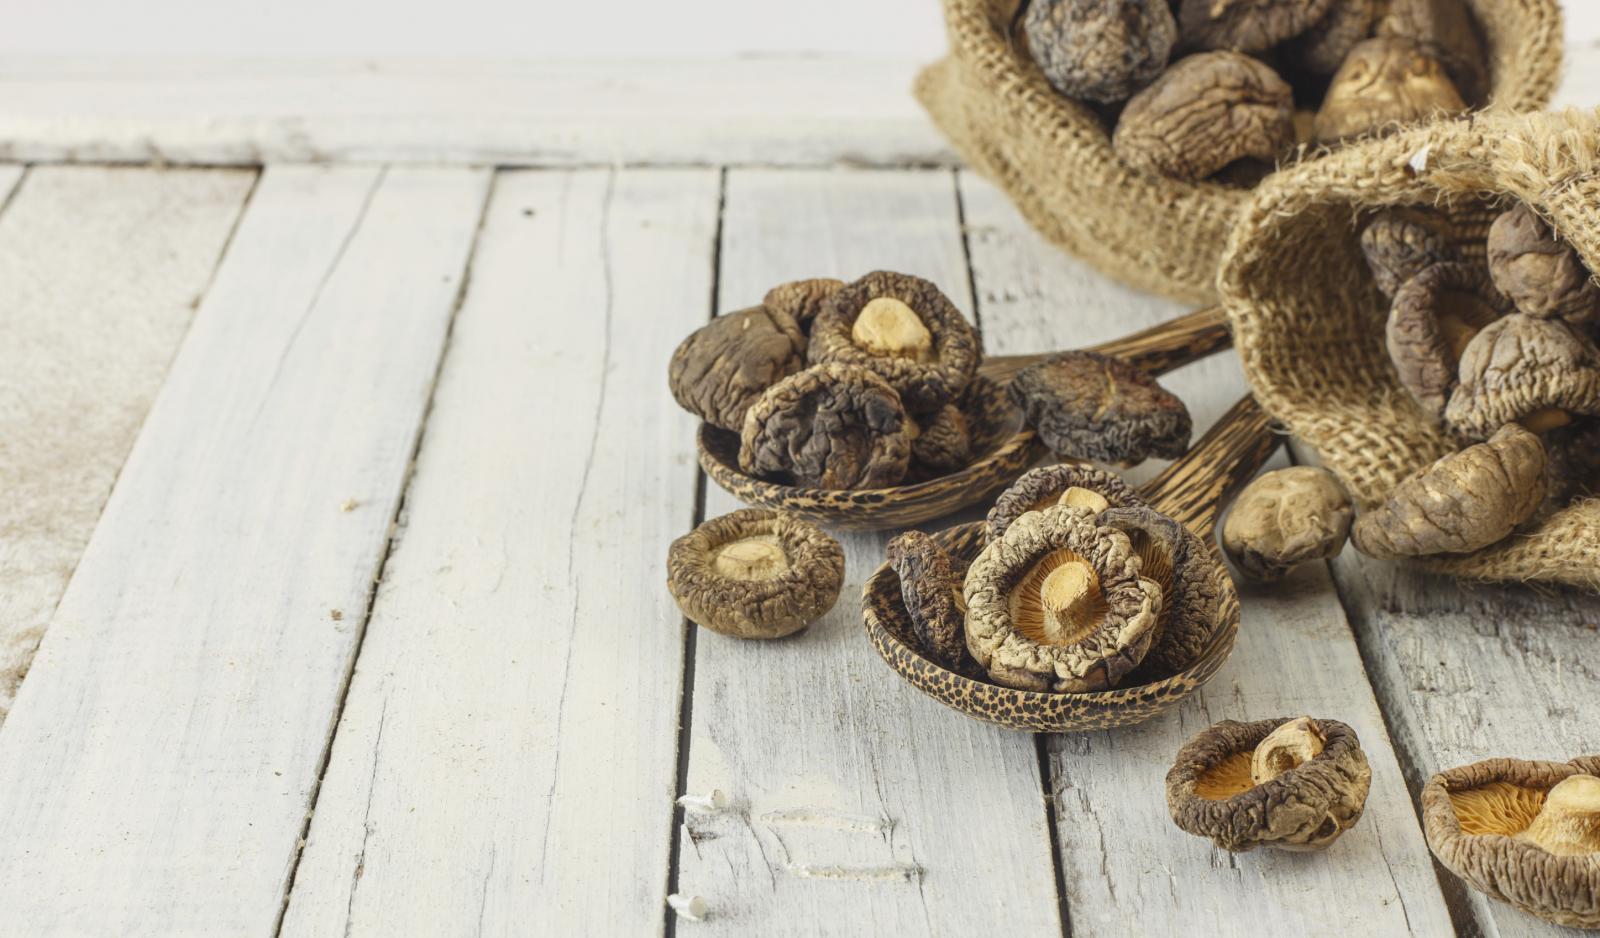 Pokazalo se kako ekstrakti shiitake i zec gljive značajno smanjuju prirodni gubitak koštane mase u najvažnijem trabekularnom dijelu kralježnice.